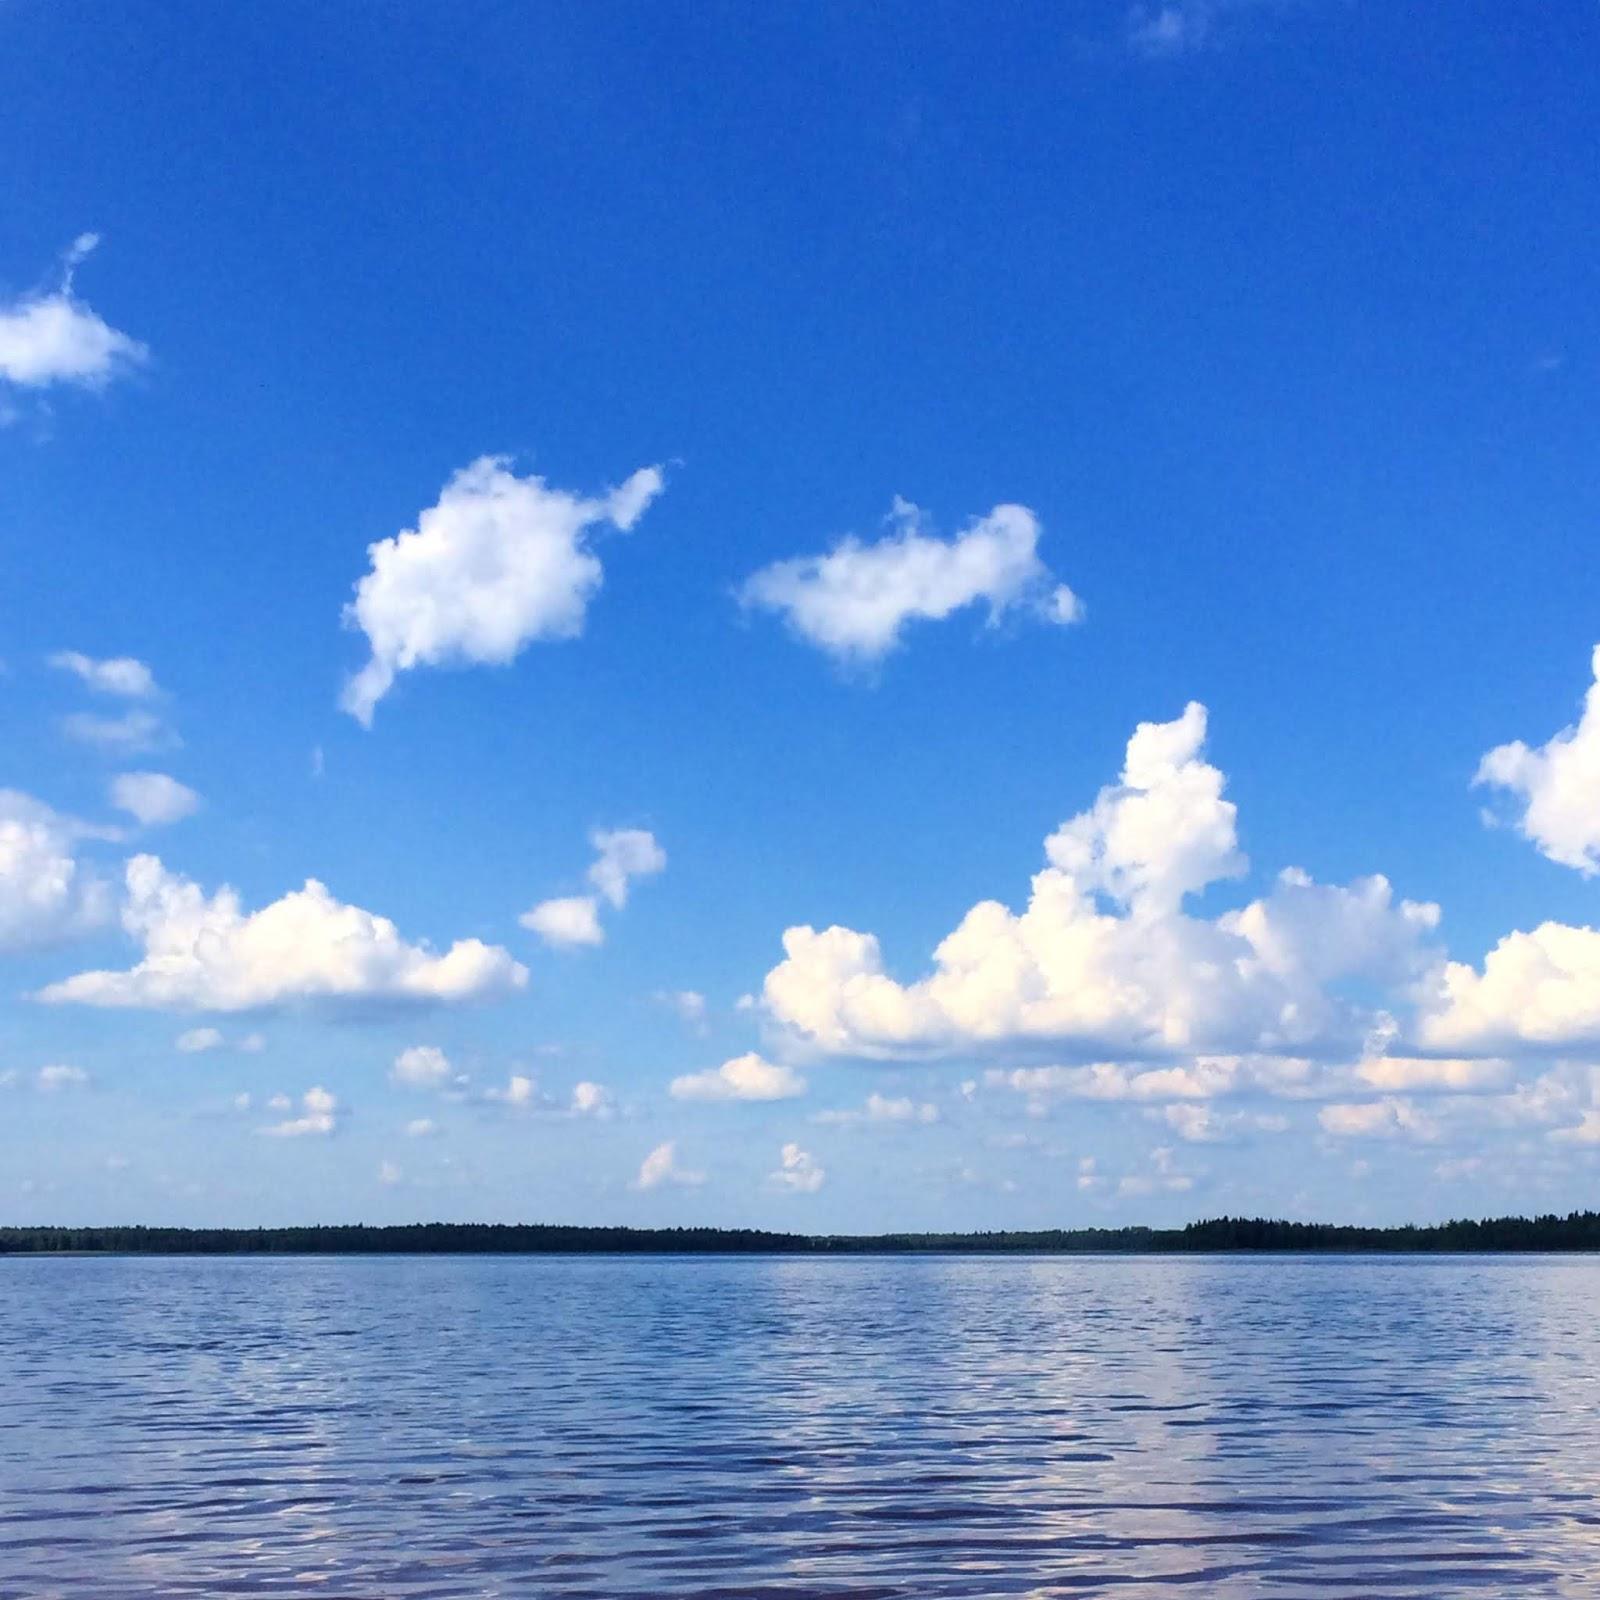 blogi, bloggaaminen, bloggaja, kirjoittaminen, Rouva sana, Tuusulanjärvi